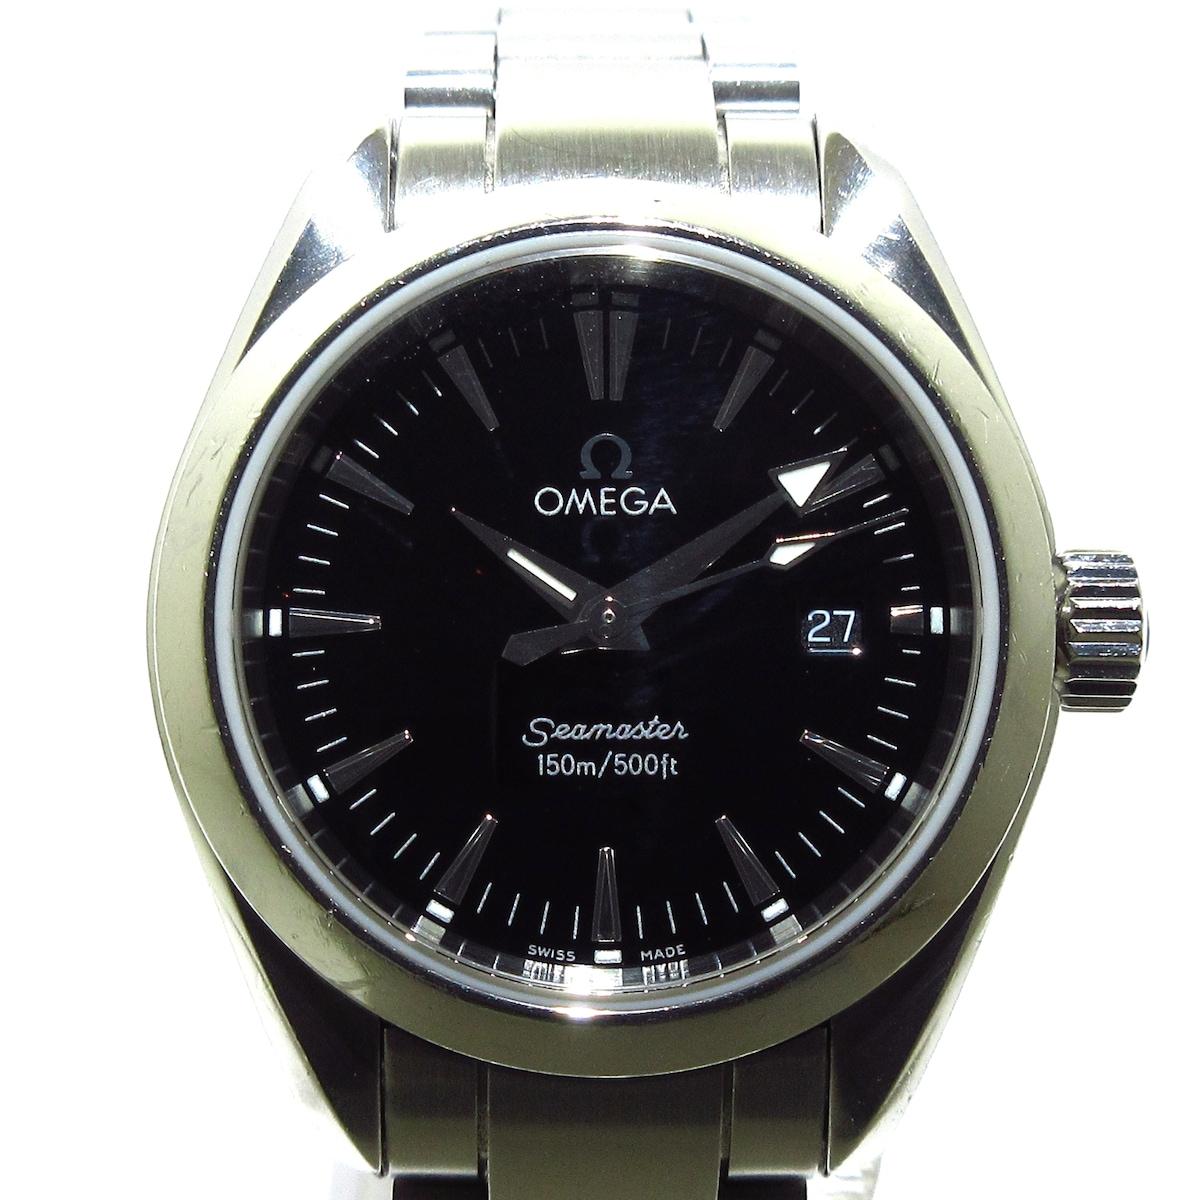 OMEGA(オメガ)のシーマスターアクアテラ